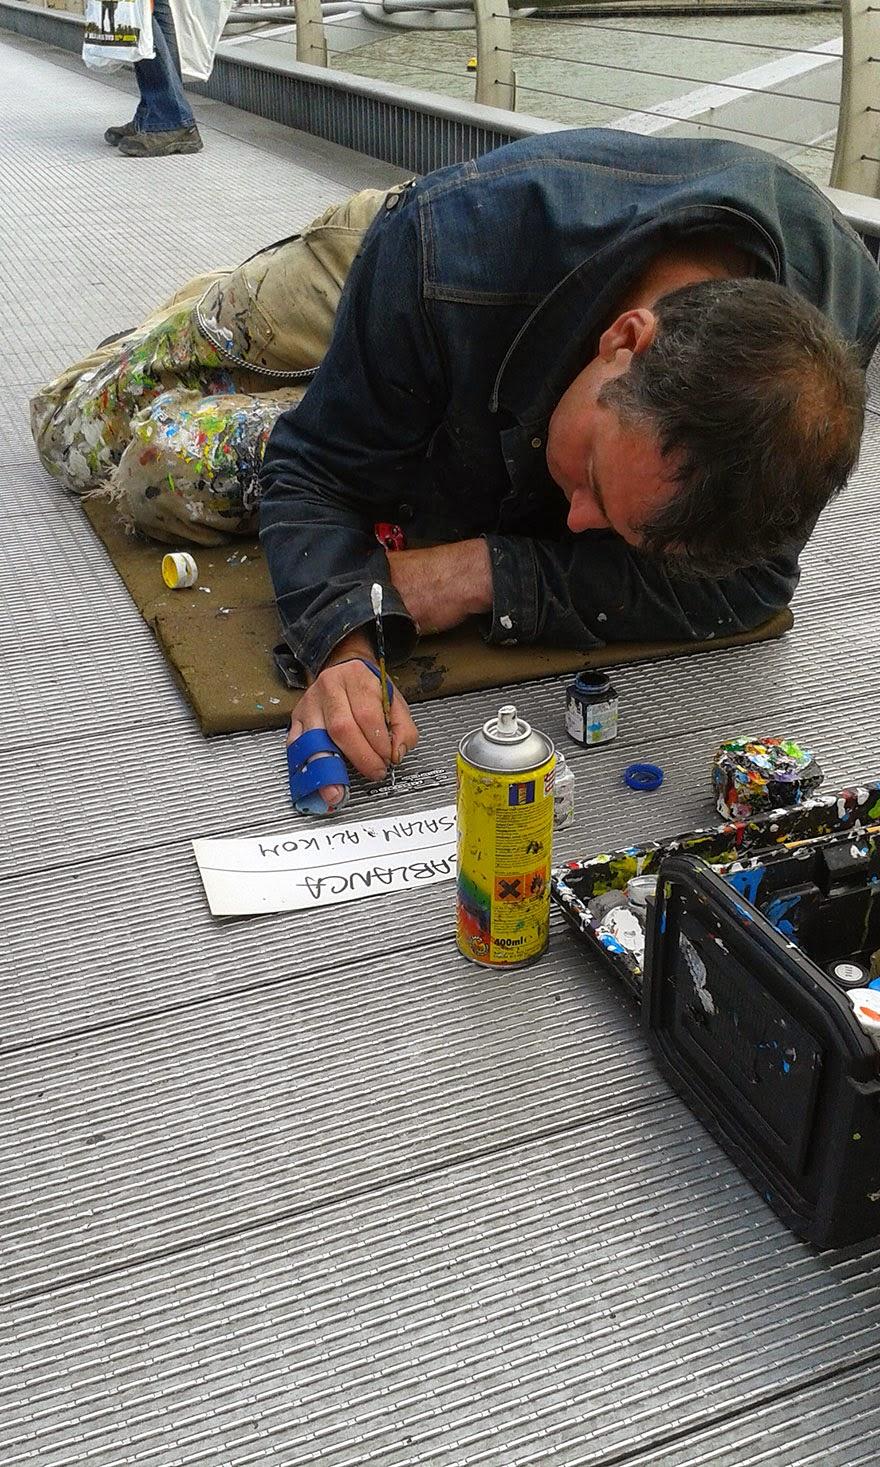 Wilson tengah melukis permen karet bekas